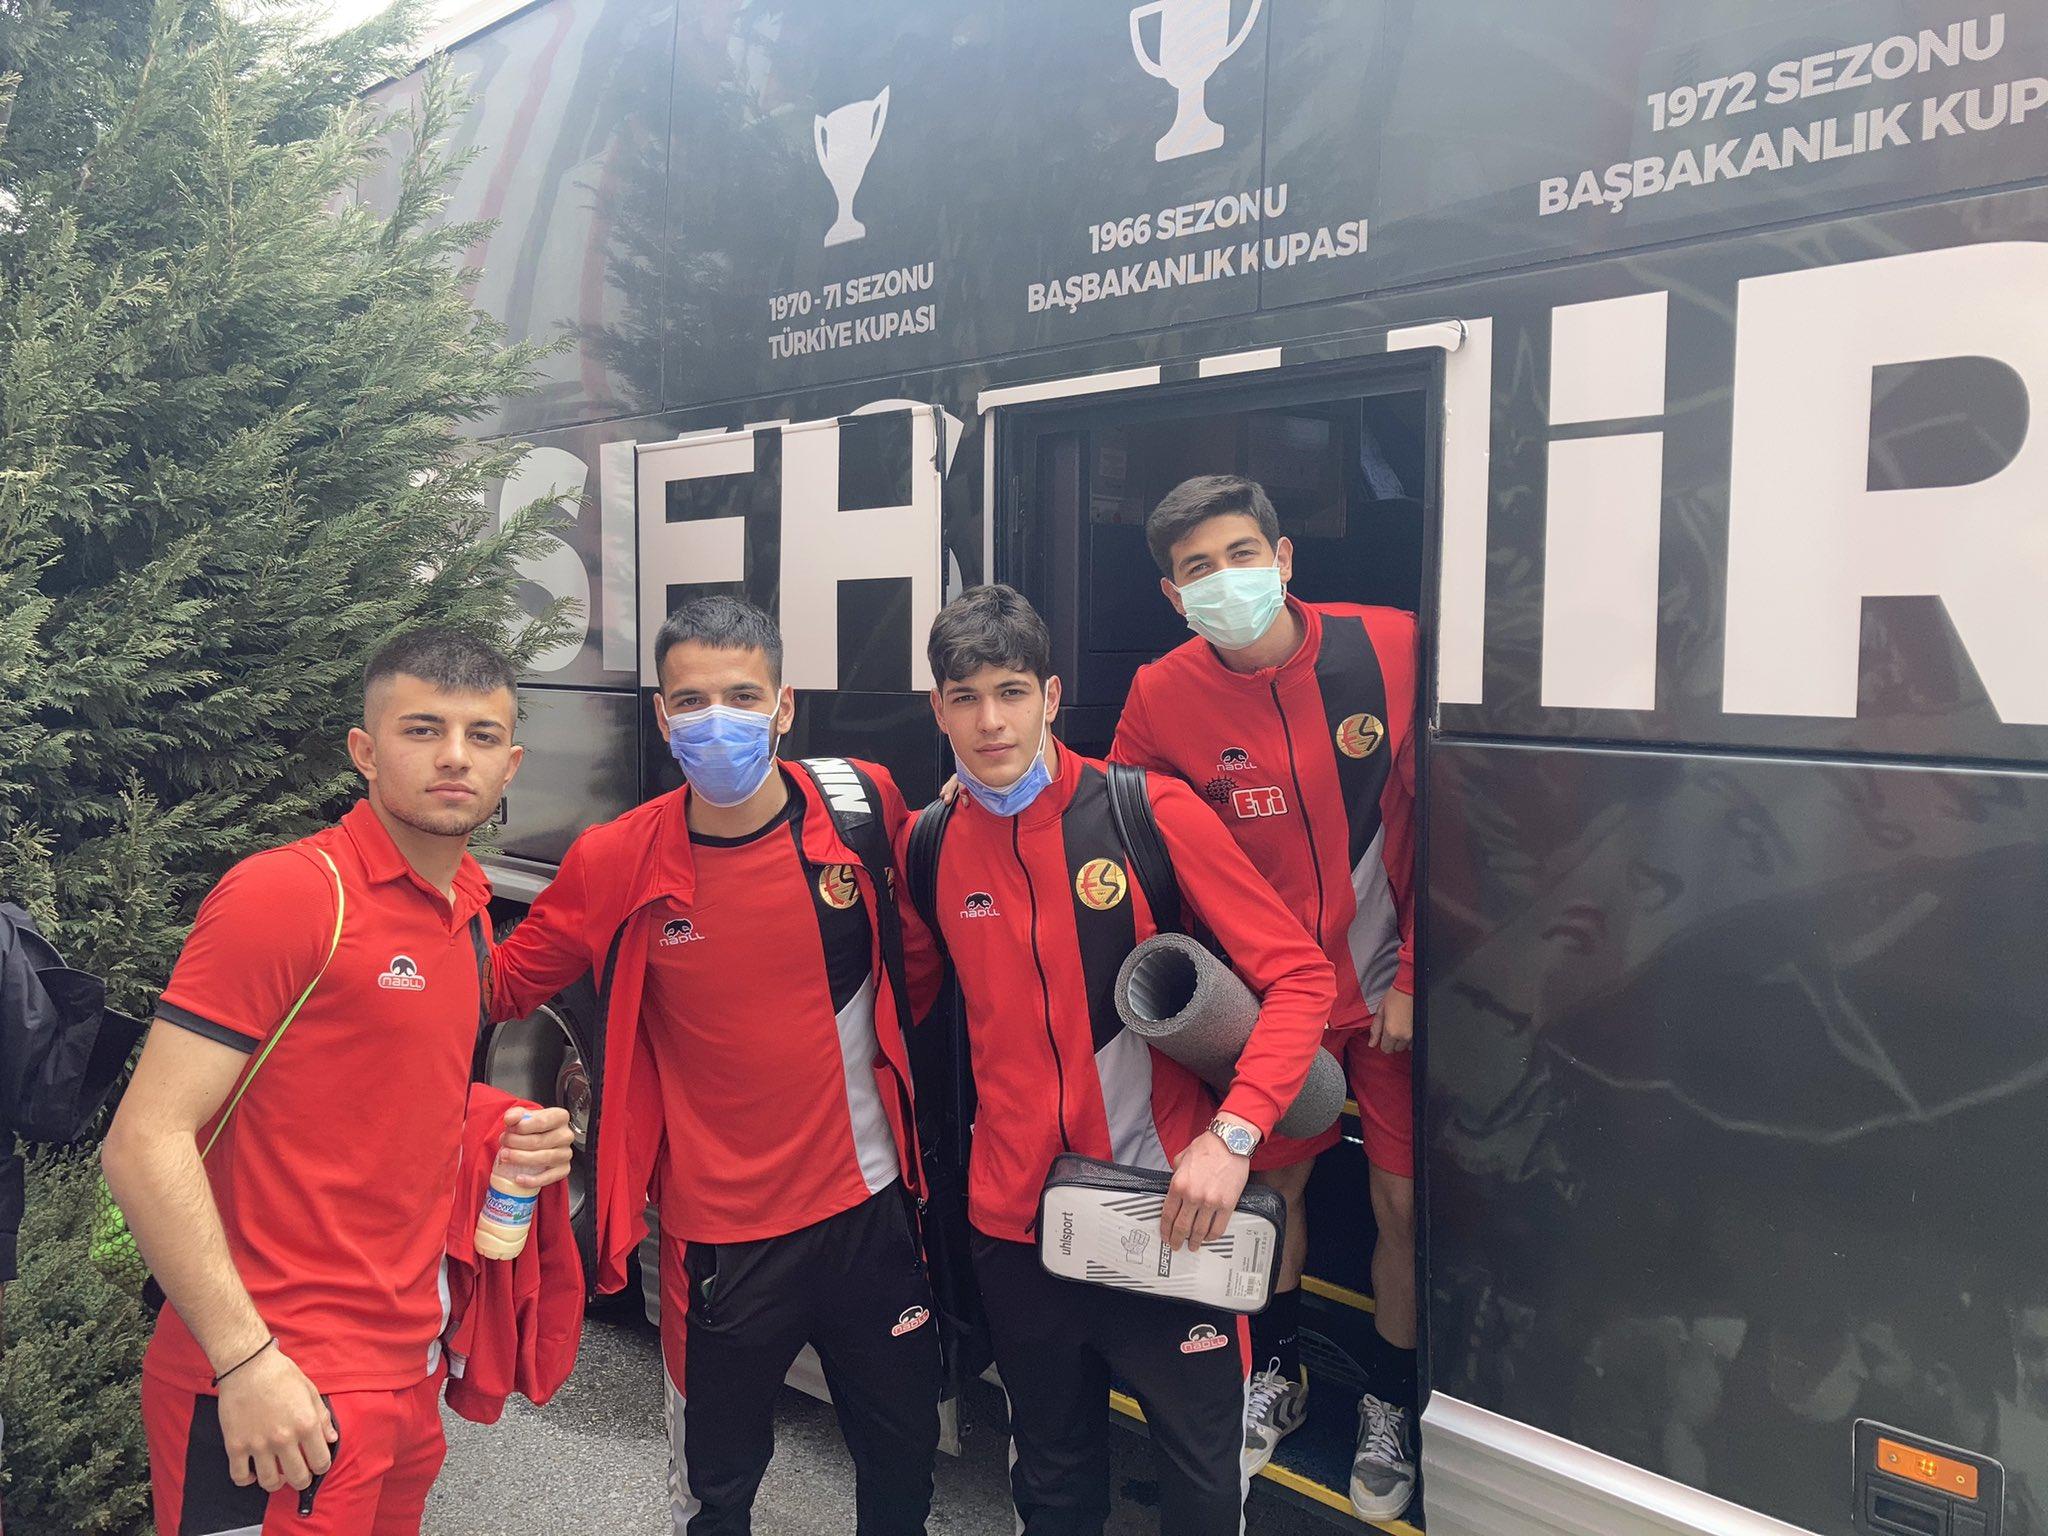 Eskişehirspor'un Altınordu kafilesi belli oldu